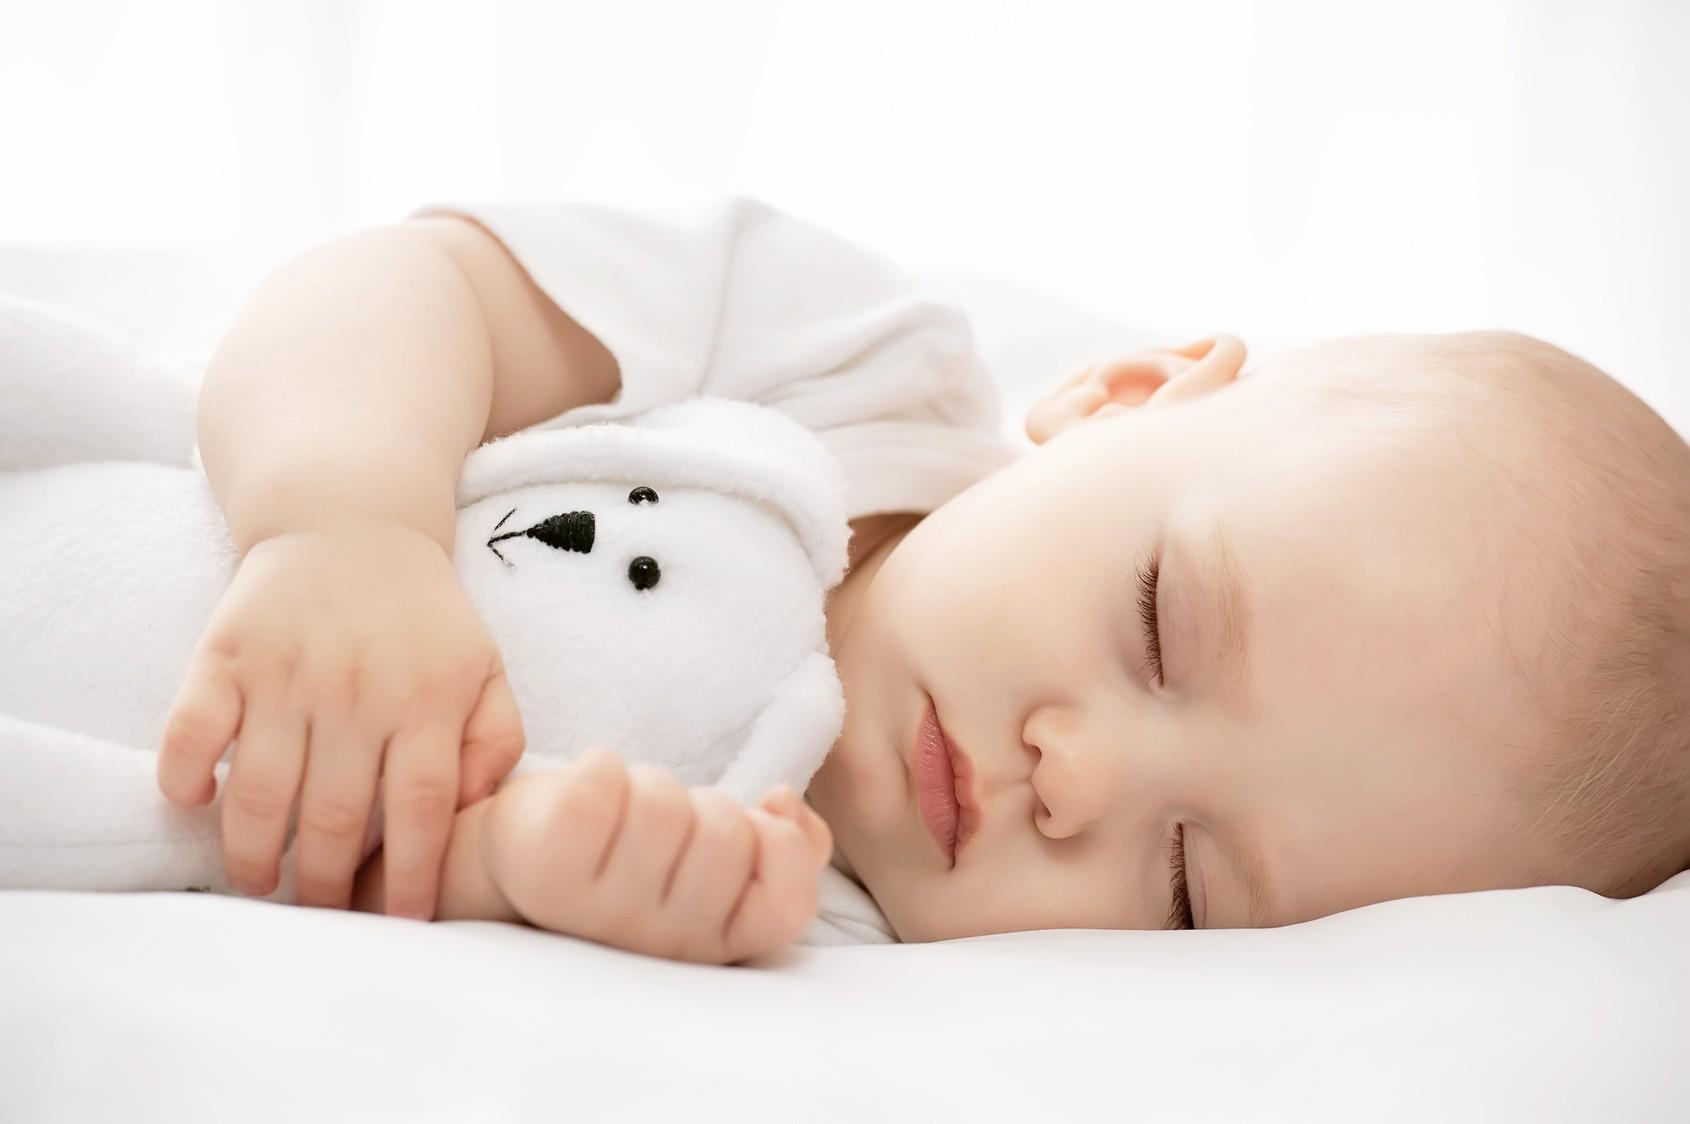 Kad i koliko beba spava?